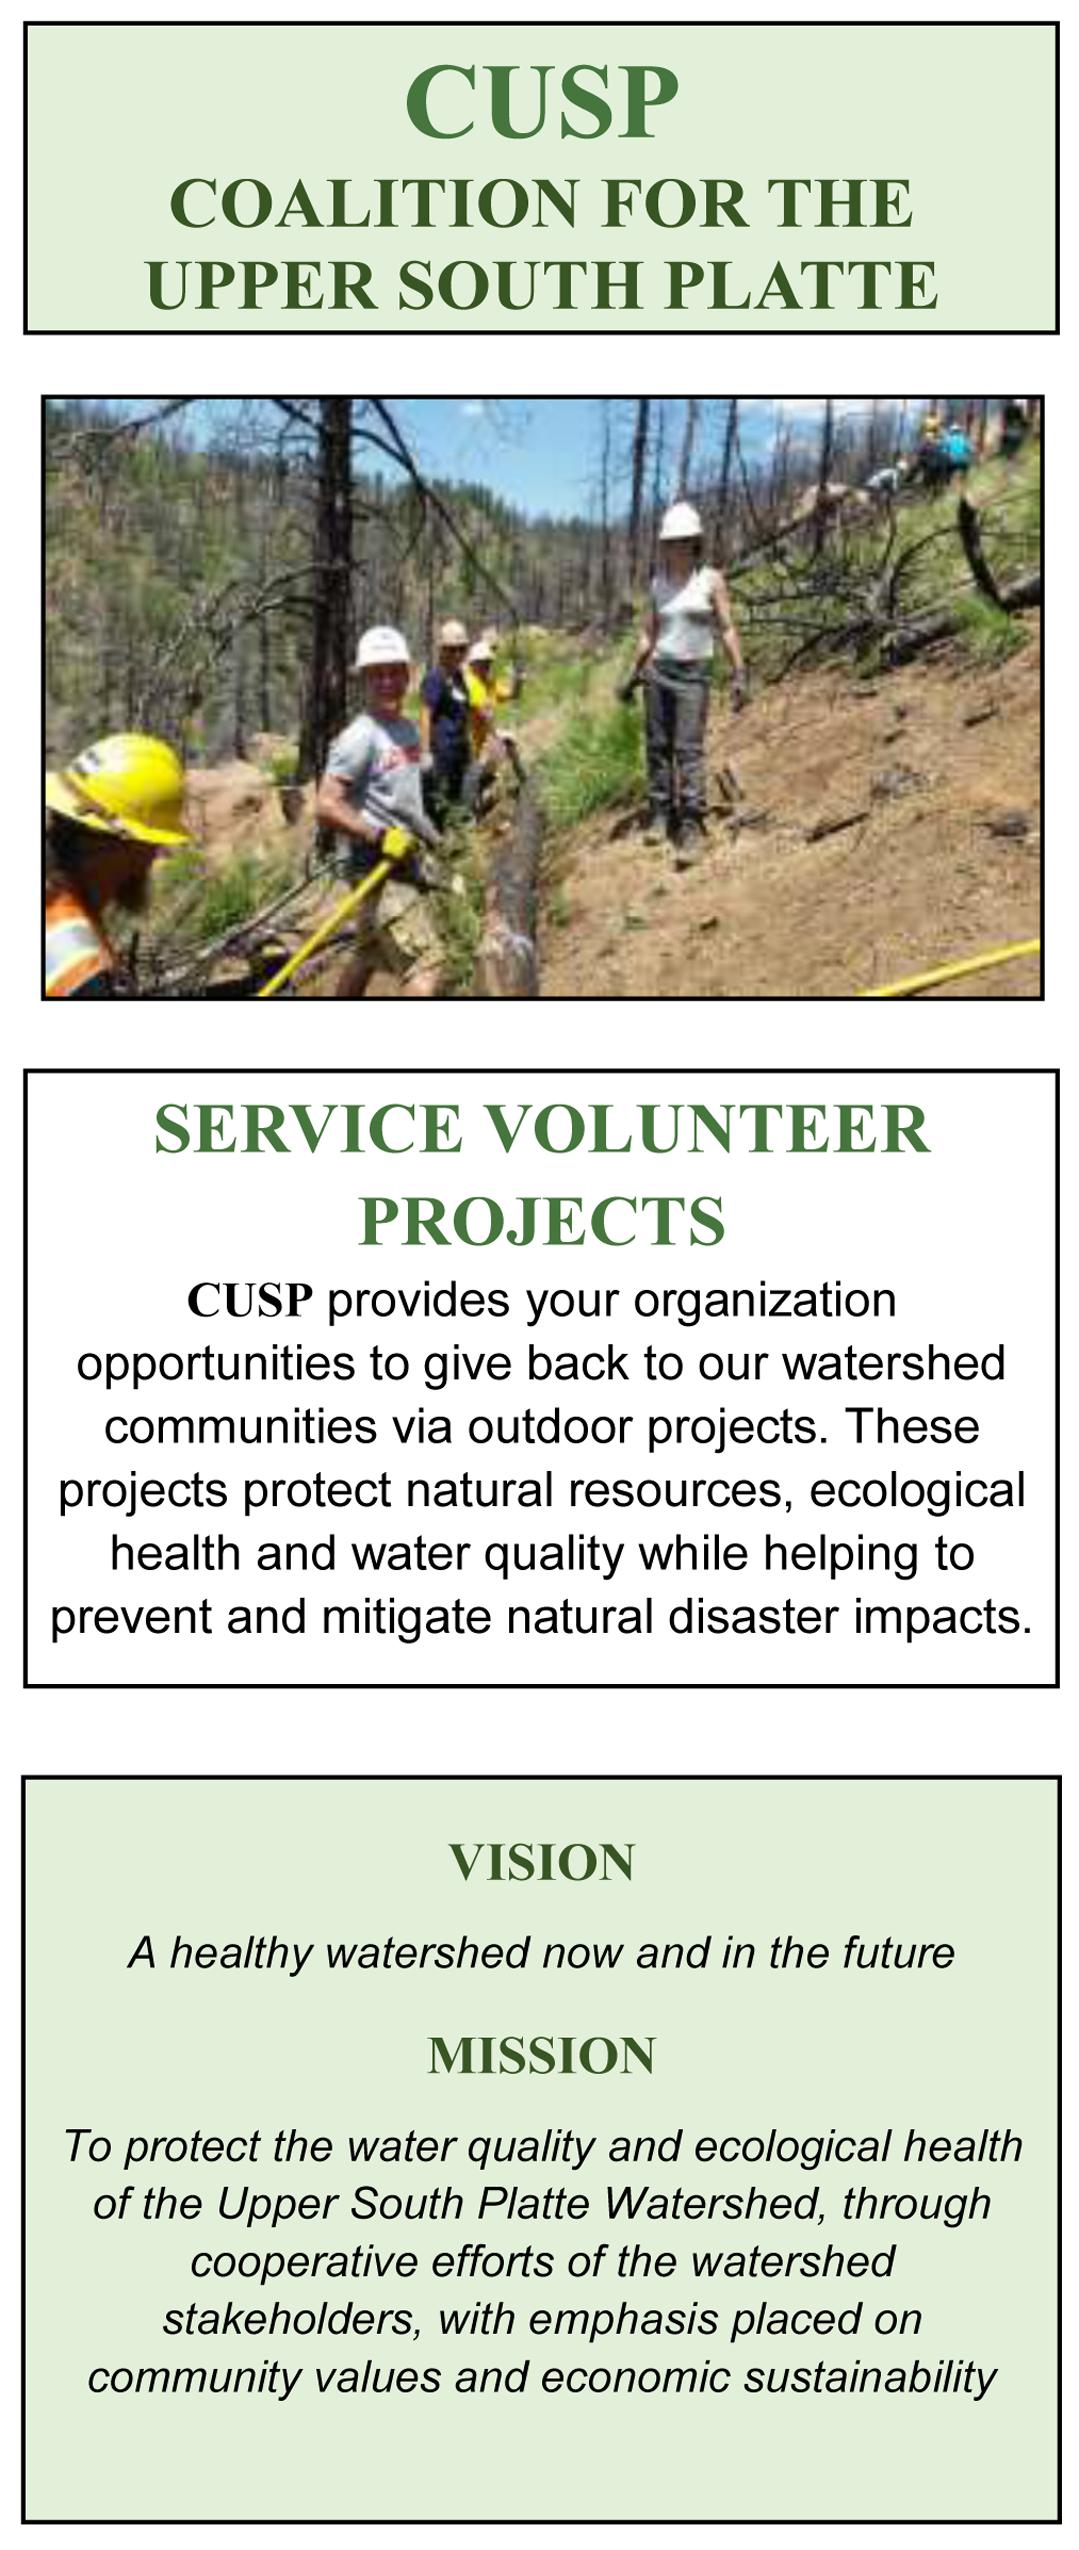 Service Volunteer